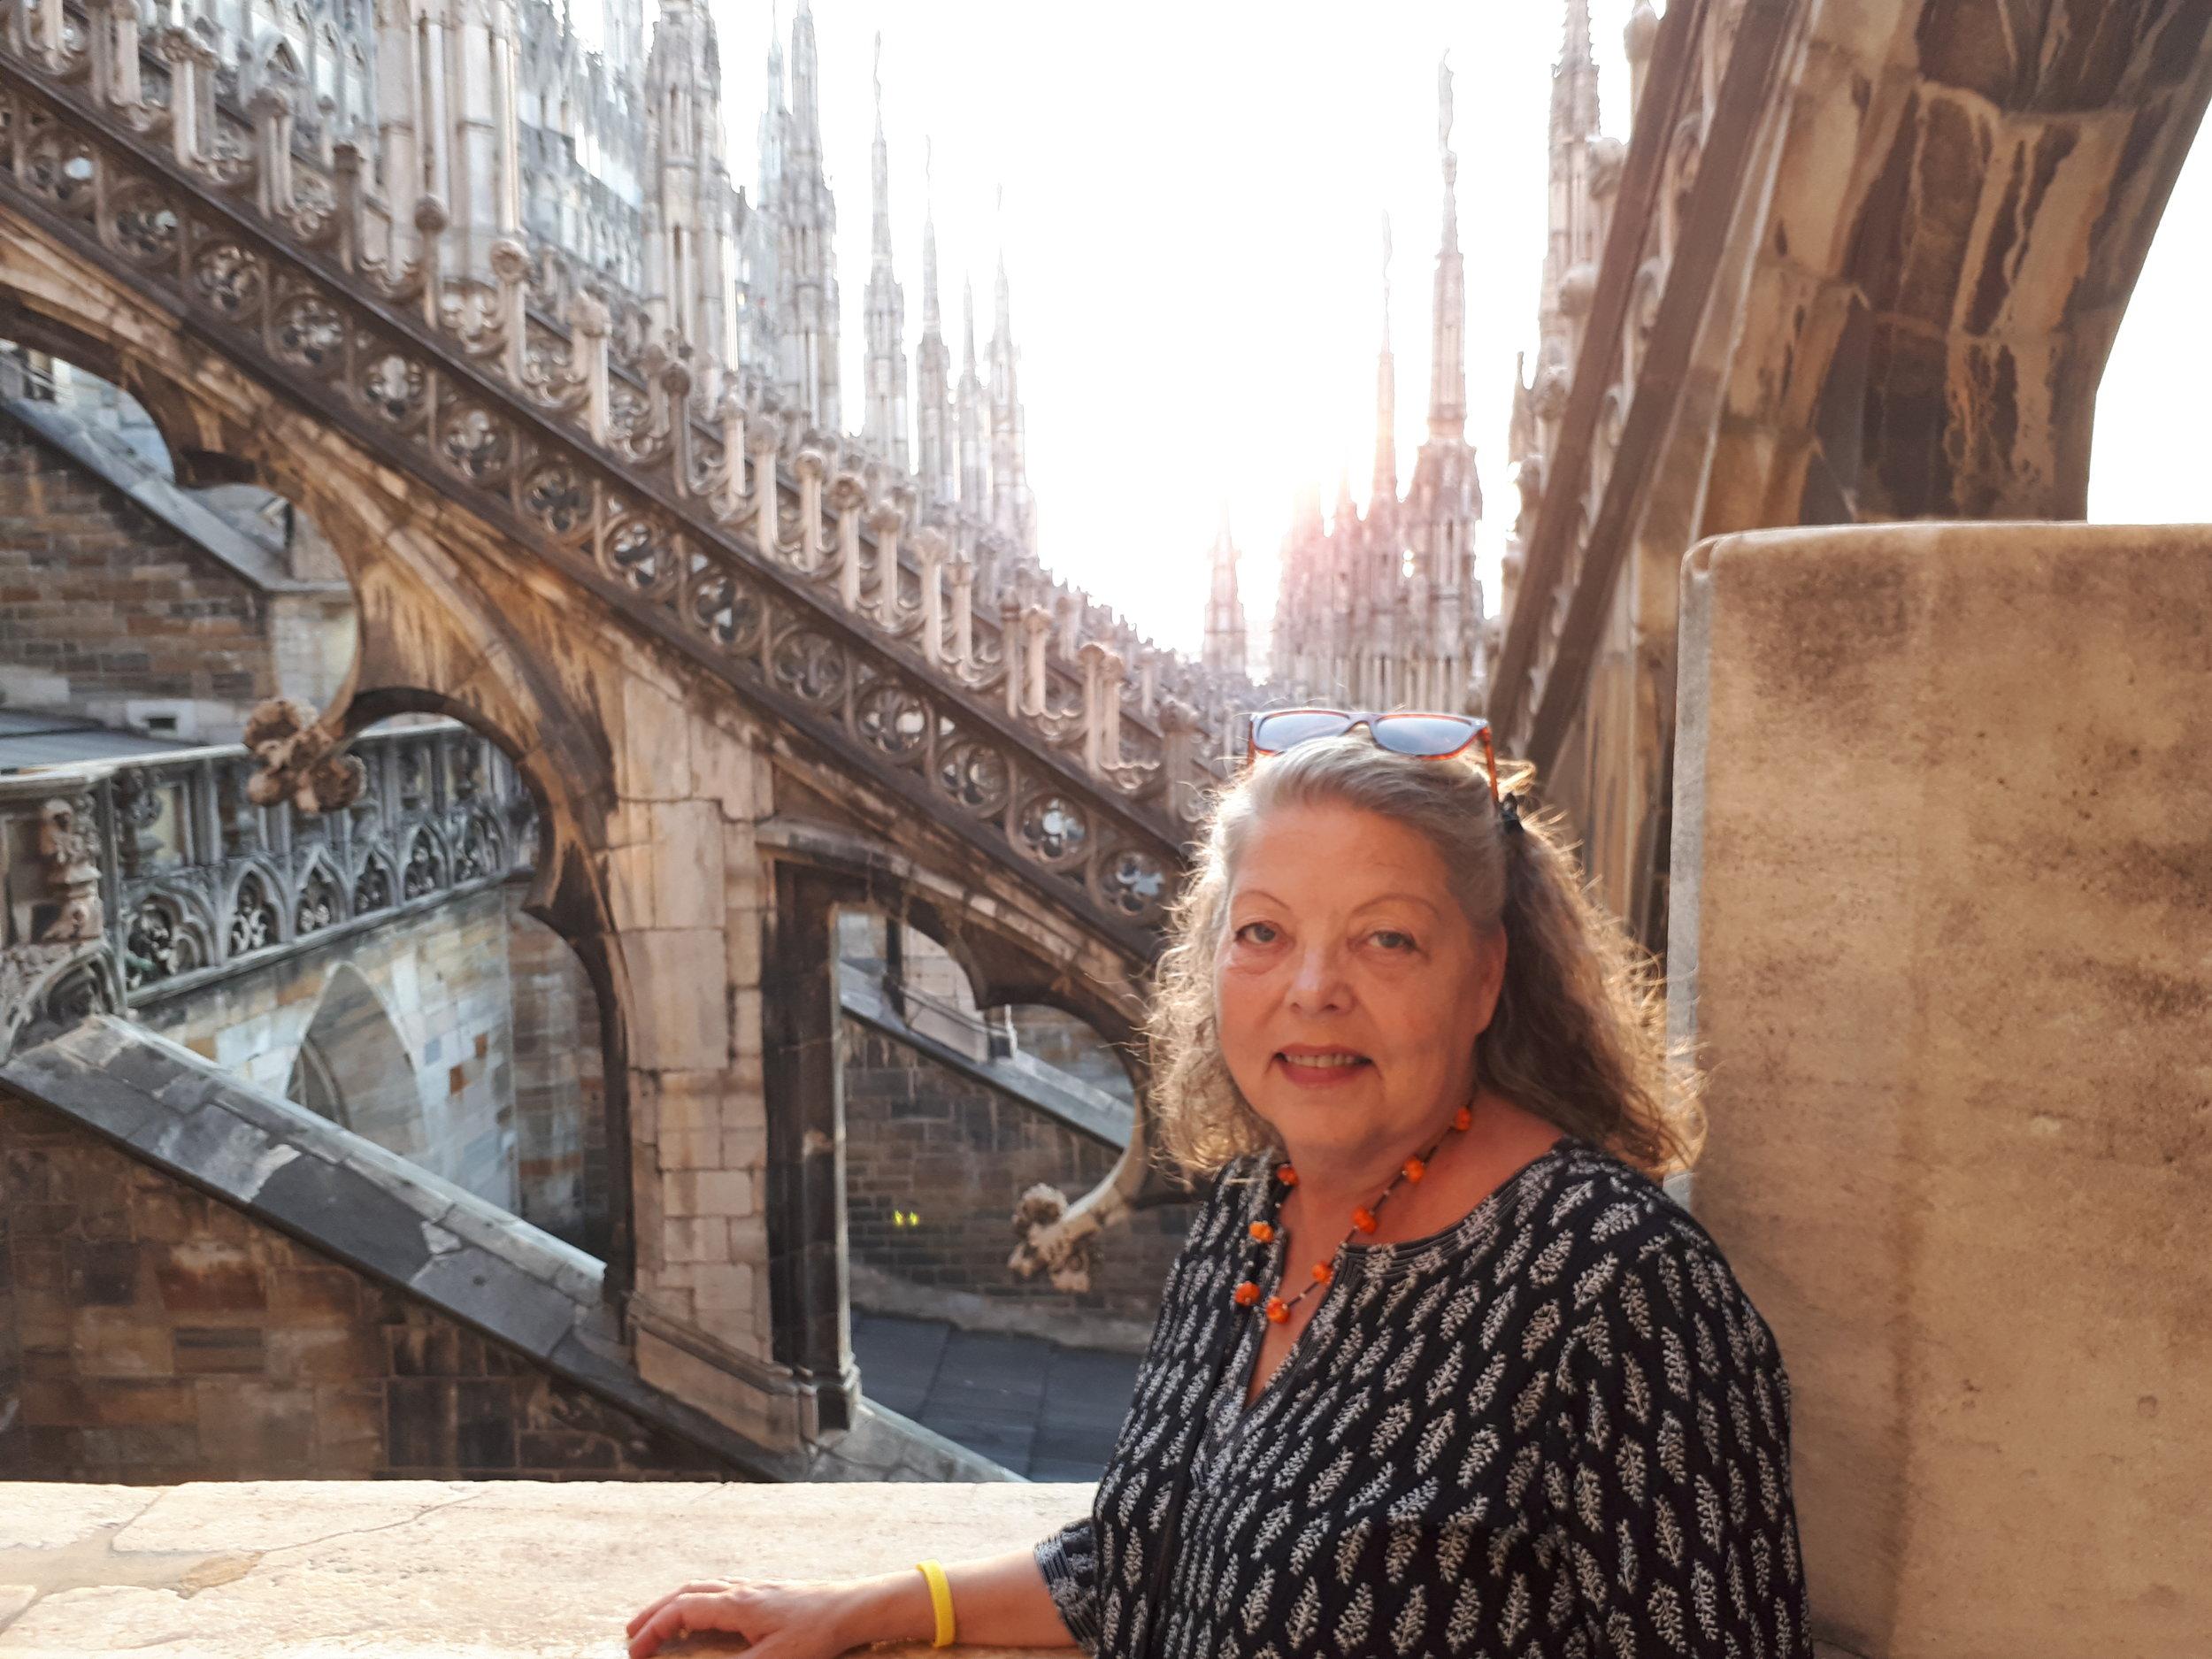 Jag på taket på katedralen i Milano.